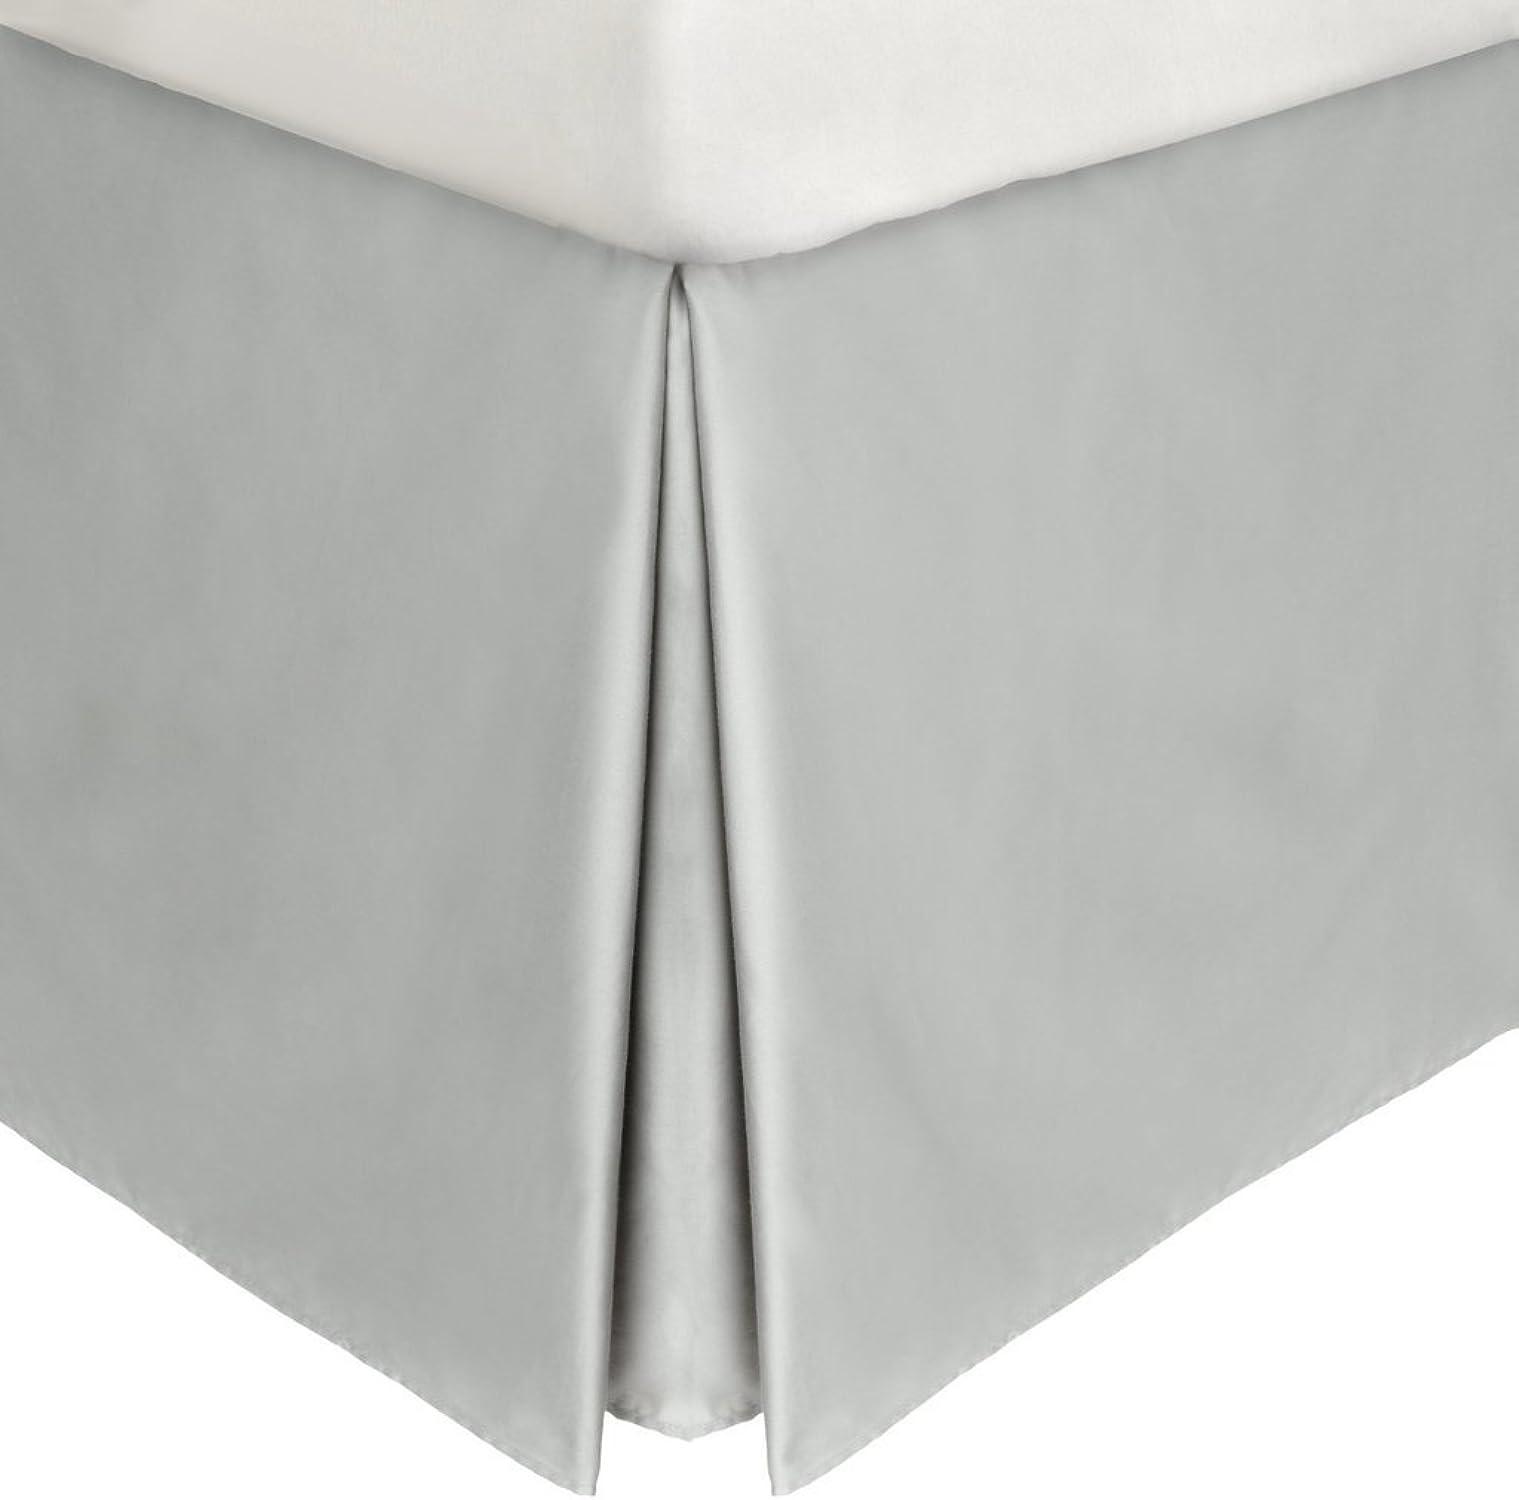 LaxLinens 250 fils cm2, 100%  coton, finition élégante 1 jupe plissée de chute lit Longueur    21  ), courirner, gris Argent Massif